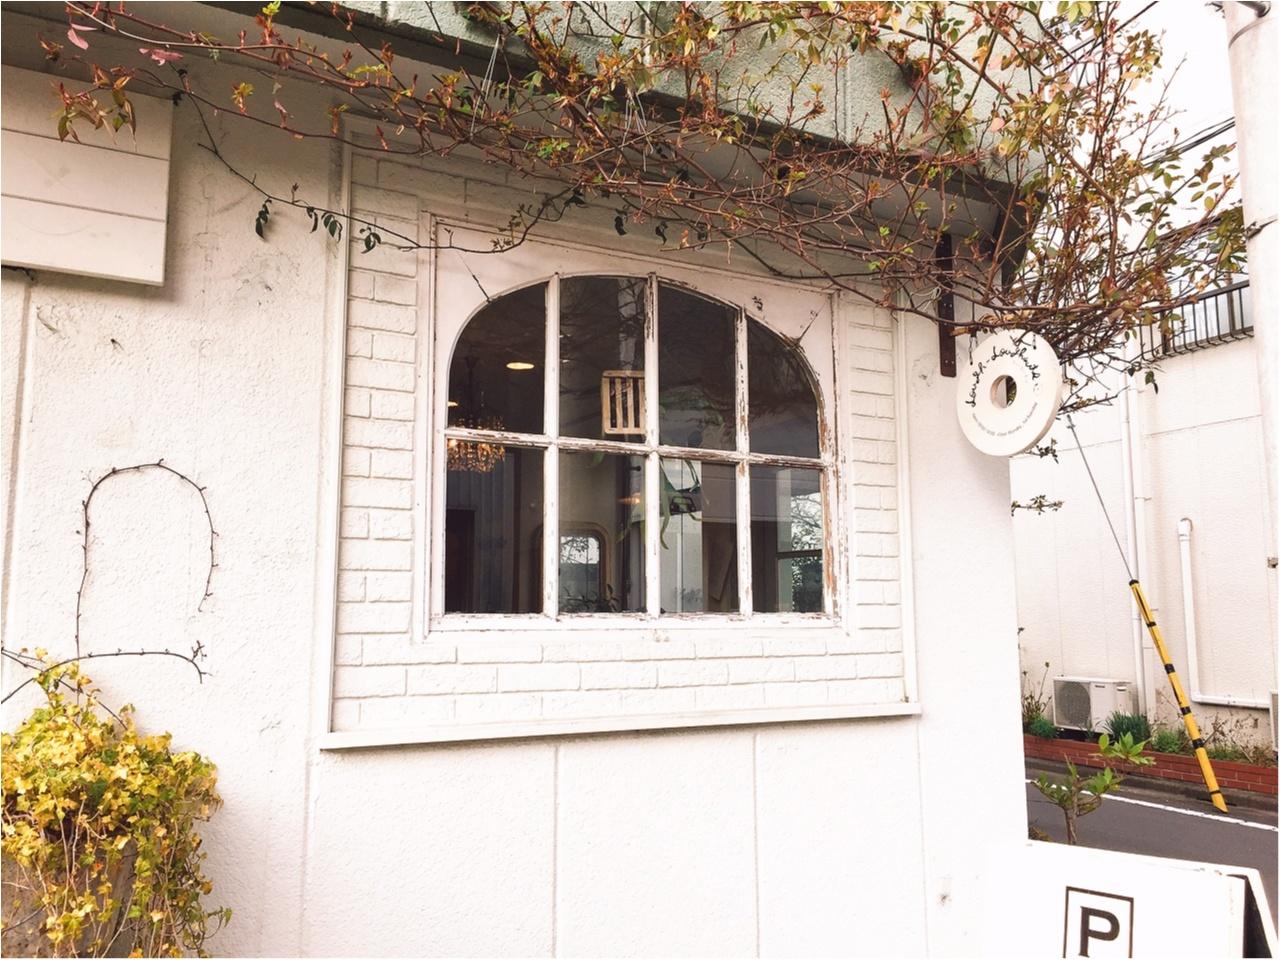 【宇都宮カフェ】今だけ!フォトジェニックで可愛い『ドーナツパフェ いちご』は食べに行くしかない!!_1